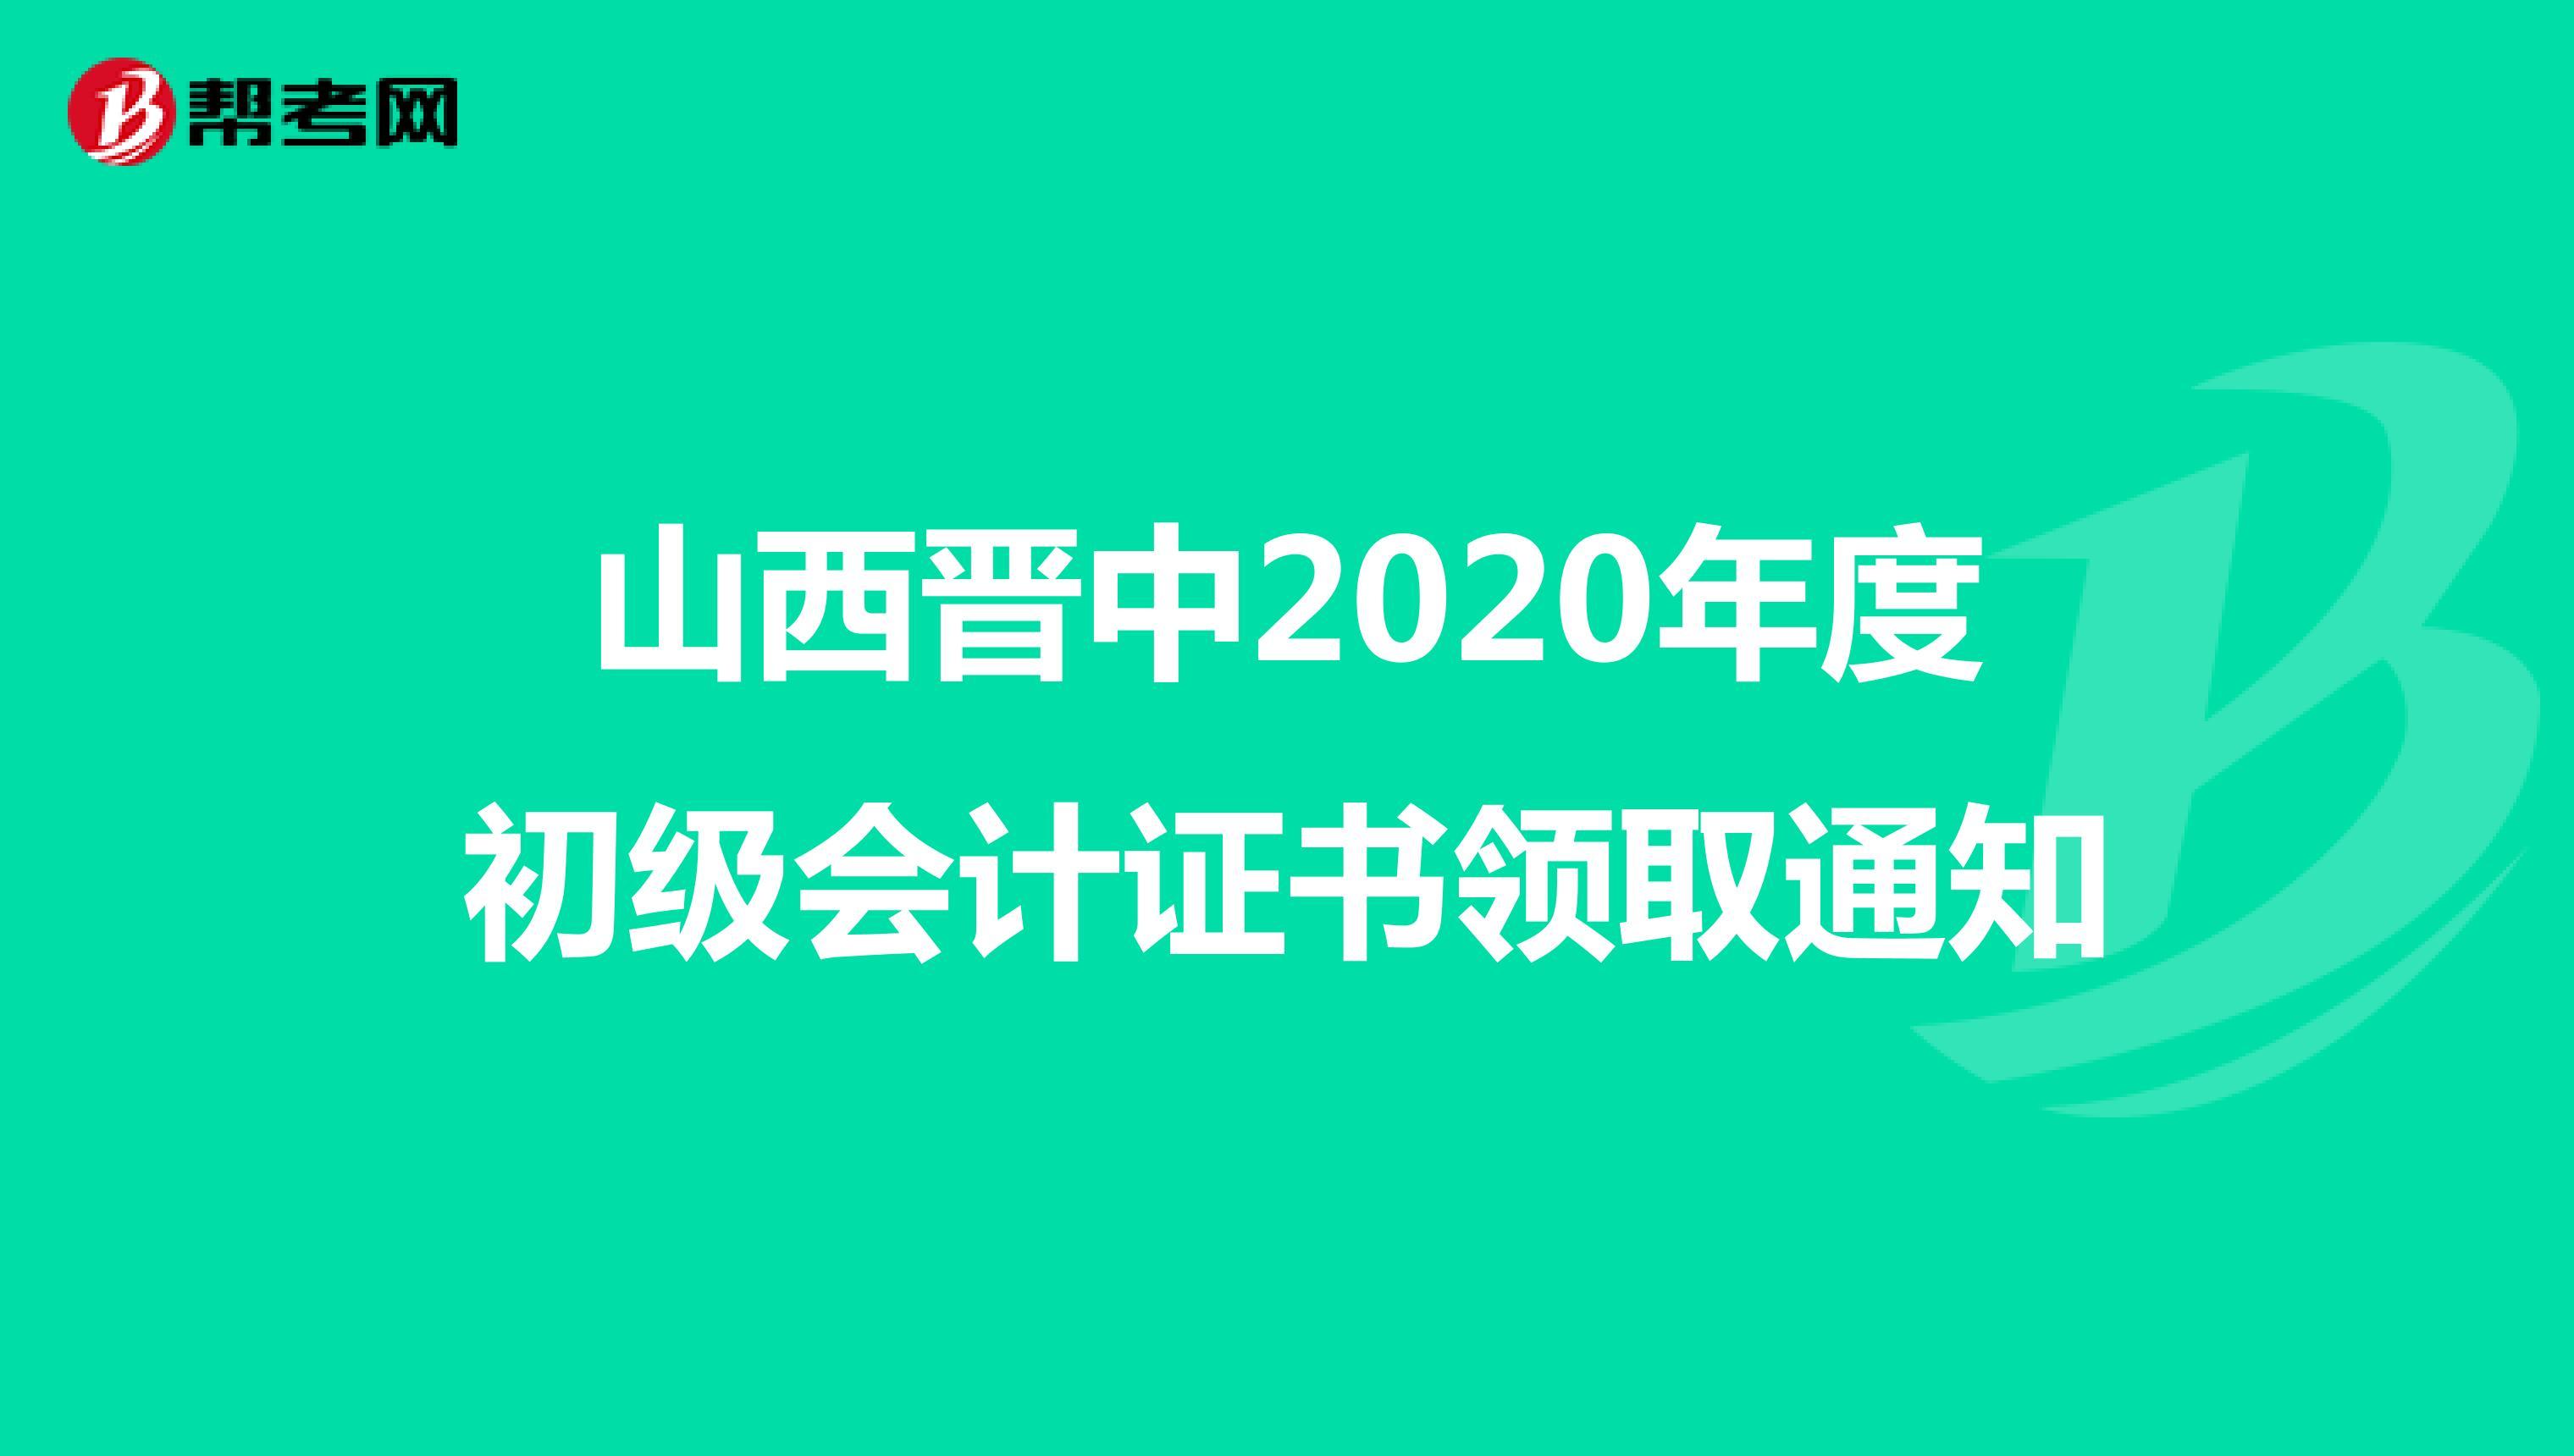 山西晉中2020年度初級會計證書領取通知